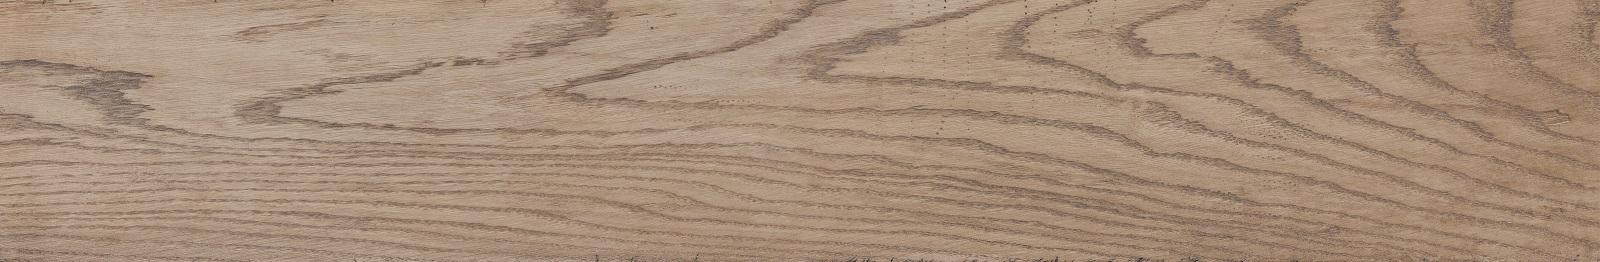 Плитка Allwood Brown (zzxwu6r) изображение 4